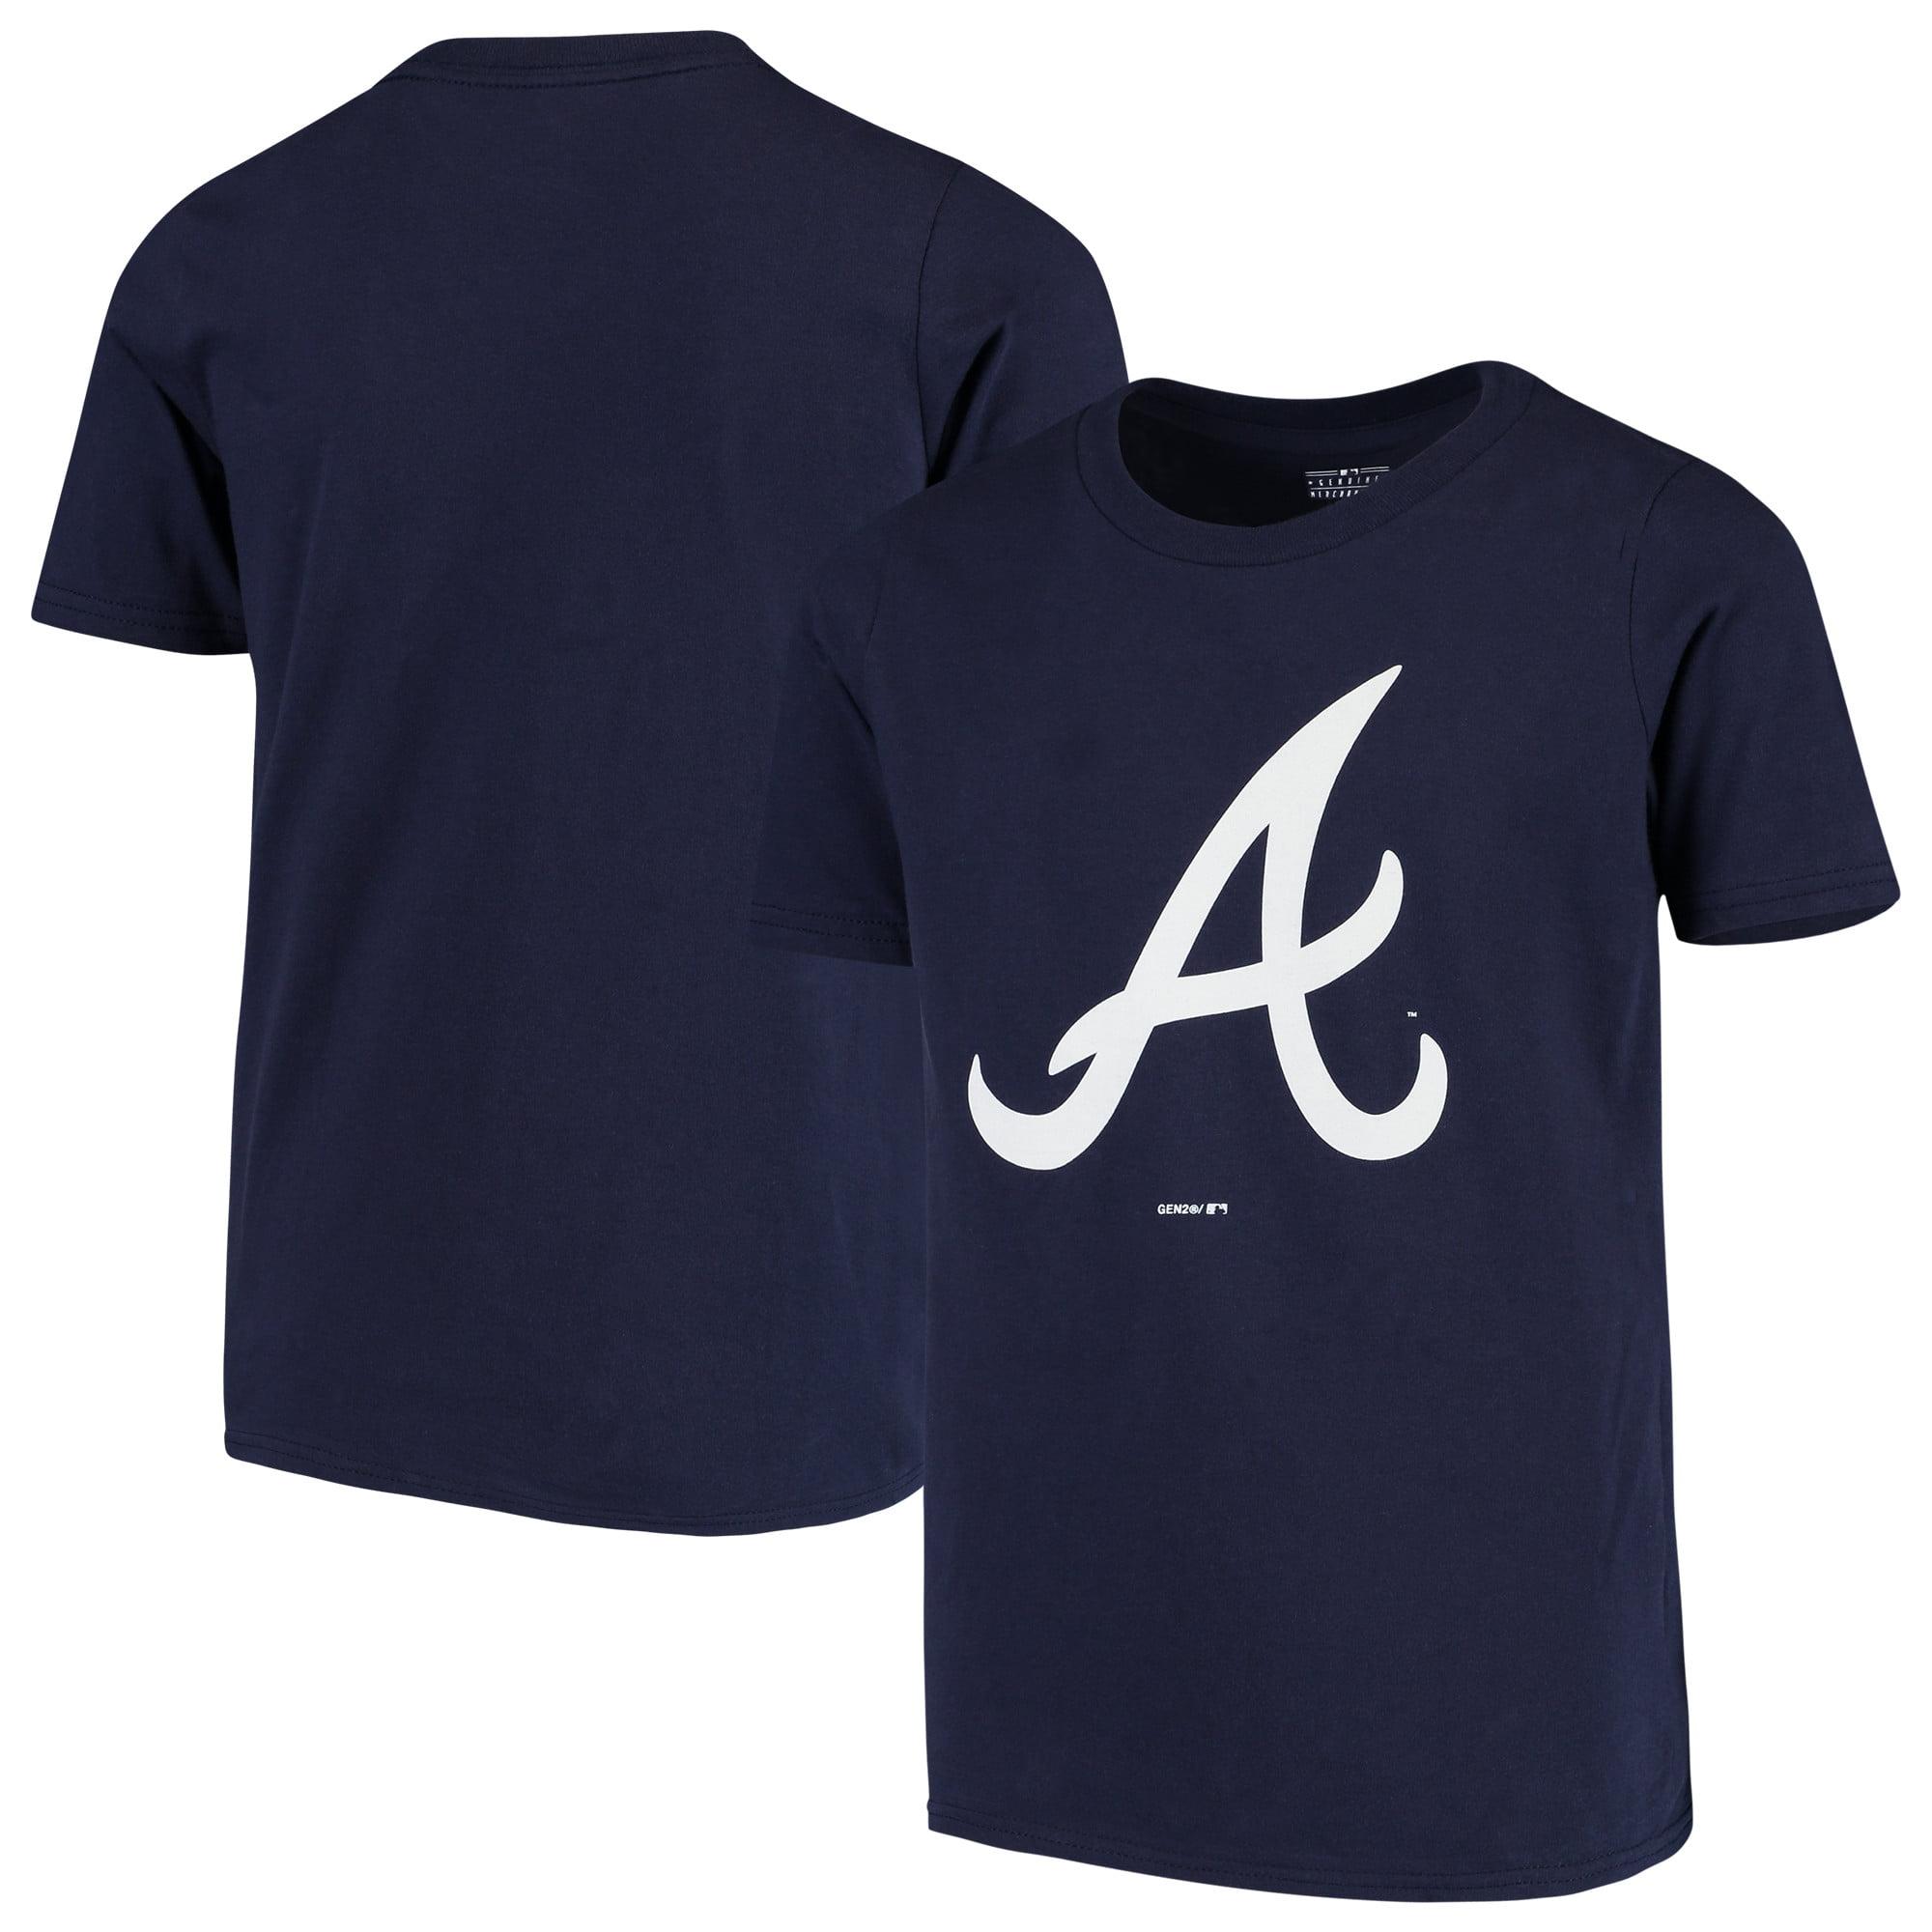 Atlanta Braves Youth Primary Team Logo T-Shirt - Navy